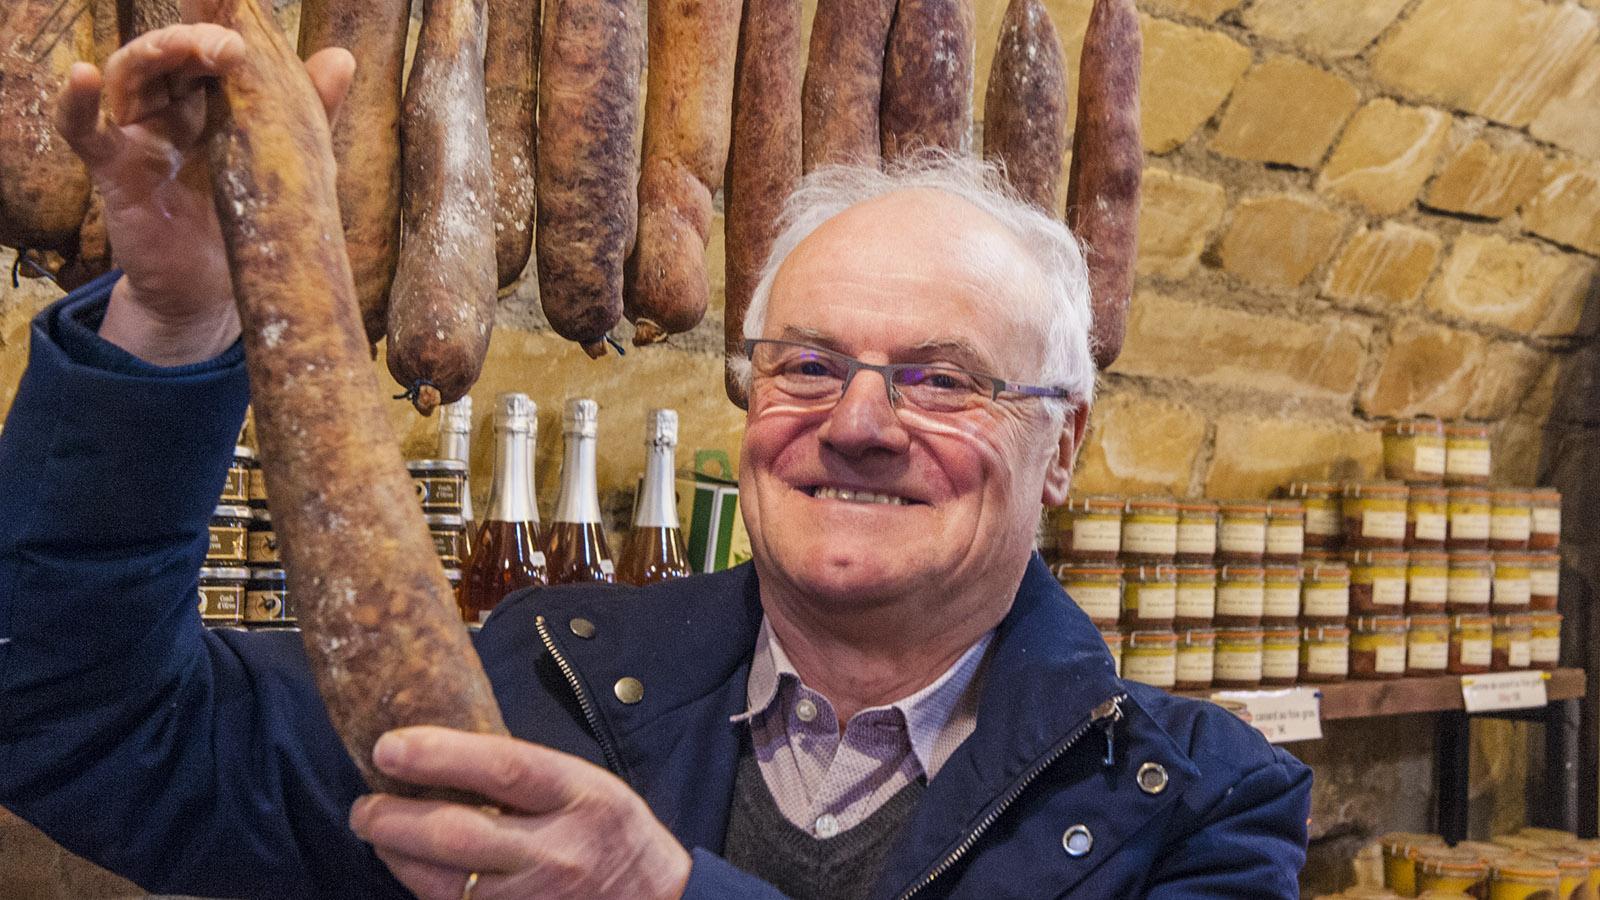 Ferme-Auberge de la Klauss: Charles Kleff mit der Fuseau Lorrain, einer typischen Lothringer Wurst.